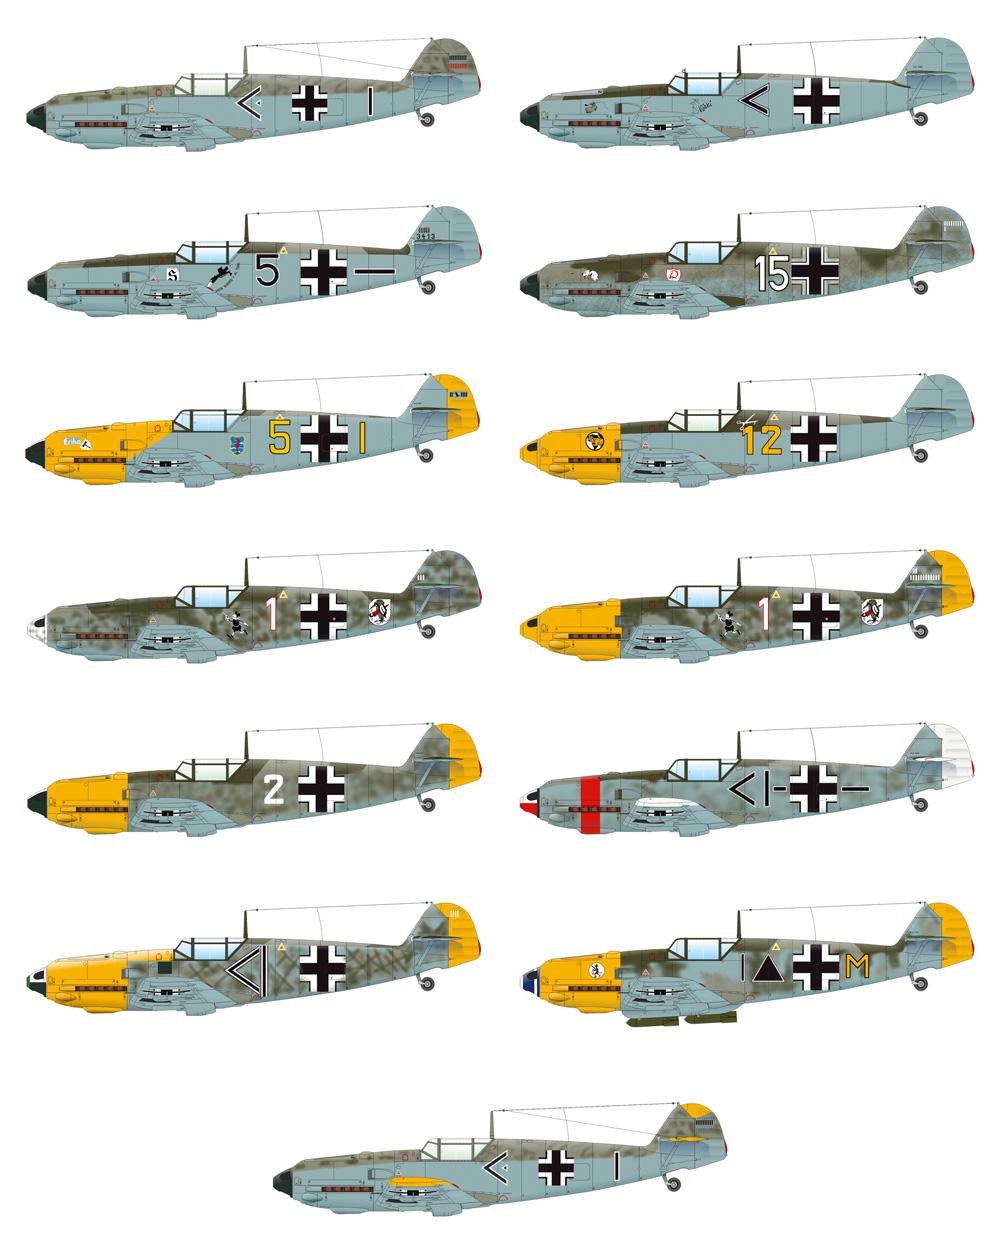 アドラーアングリフ作戦 デュアルコンボ メッサーシュミット Bf109E バトル・オブ・ブリテンプラモデル(エデュアルド1/48 リミテッドエディションNo.11144)商品画像_4